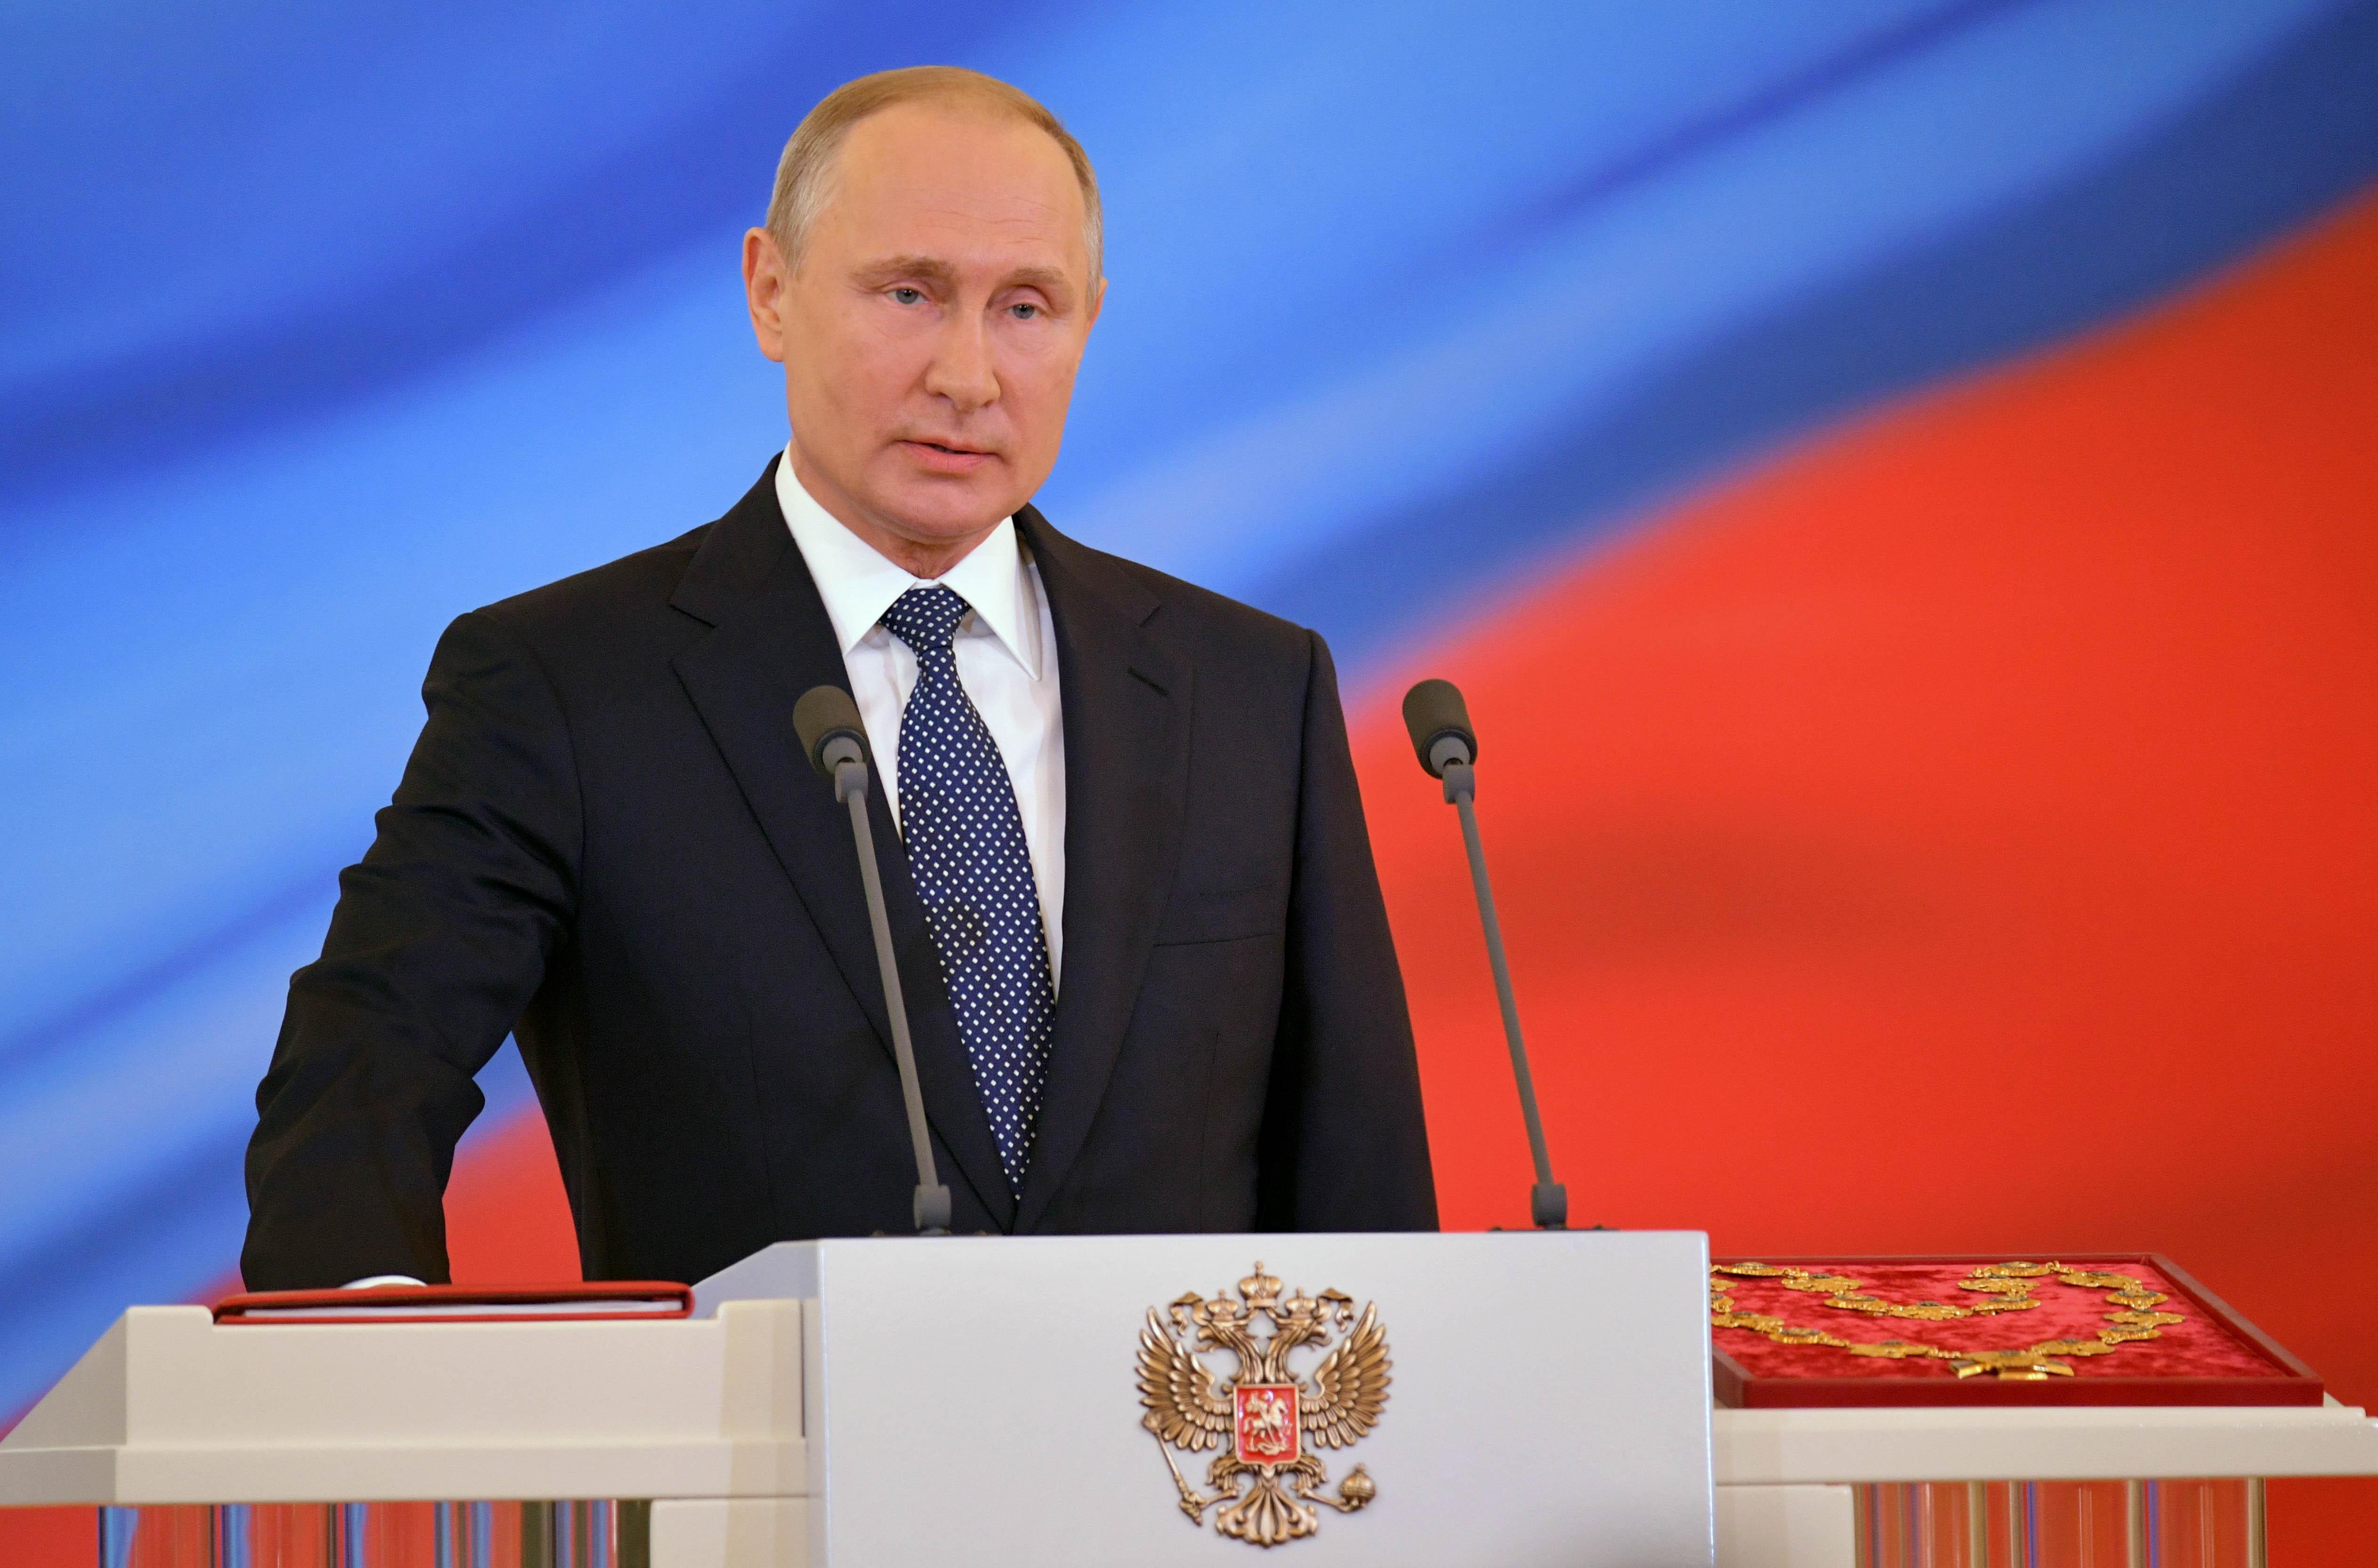 СиЦзиньпин подарил Путину старинную арфу истатуэтку сего лицом